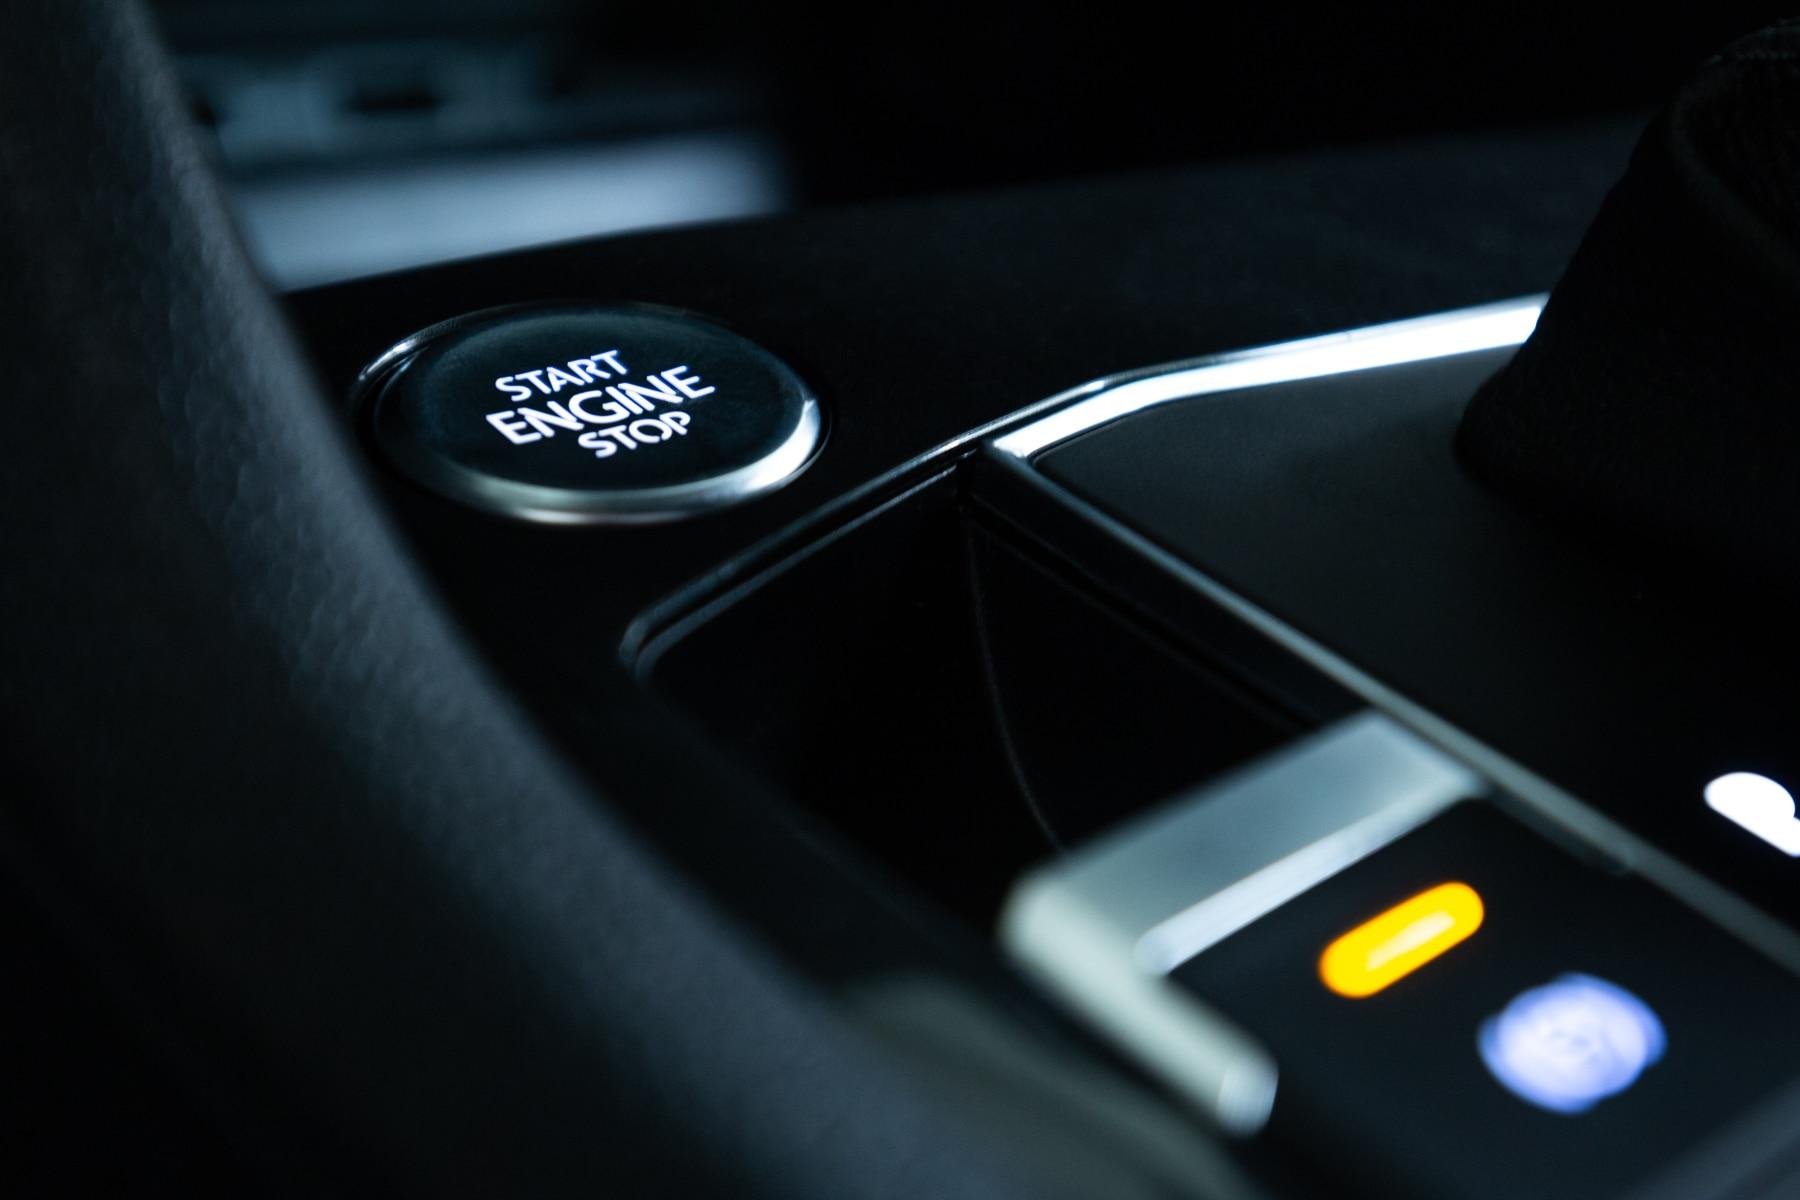 Que es mejor comprar un coche diesel o gasolina